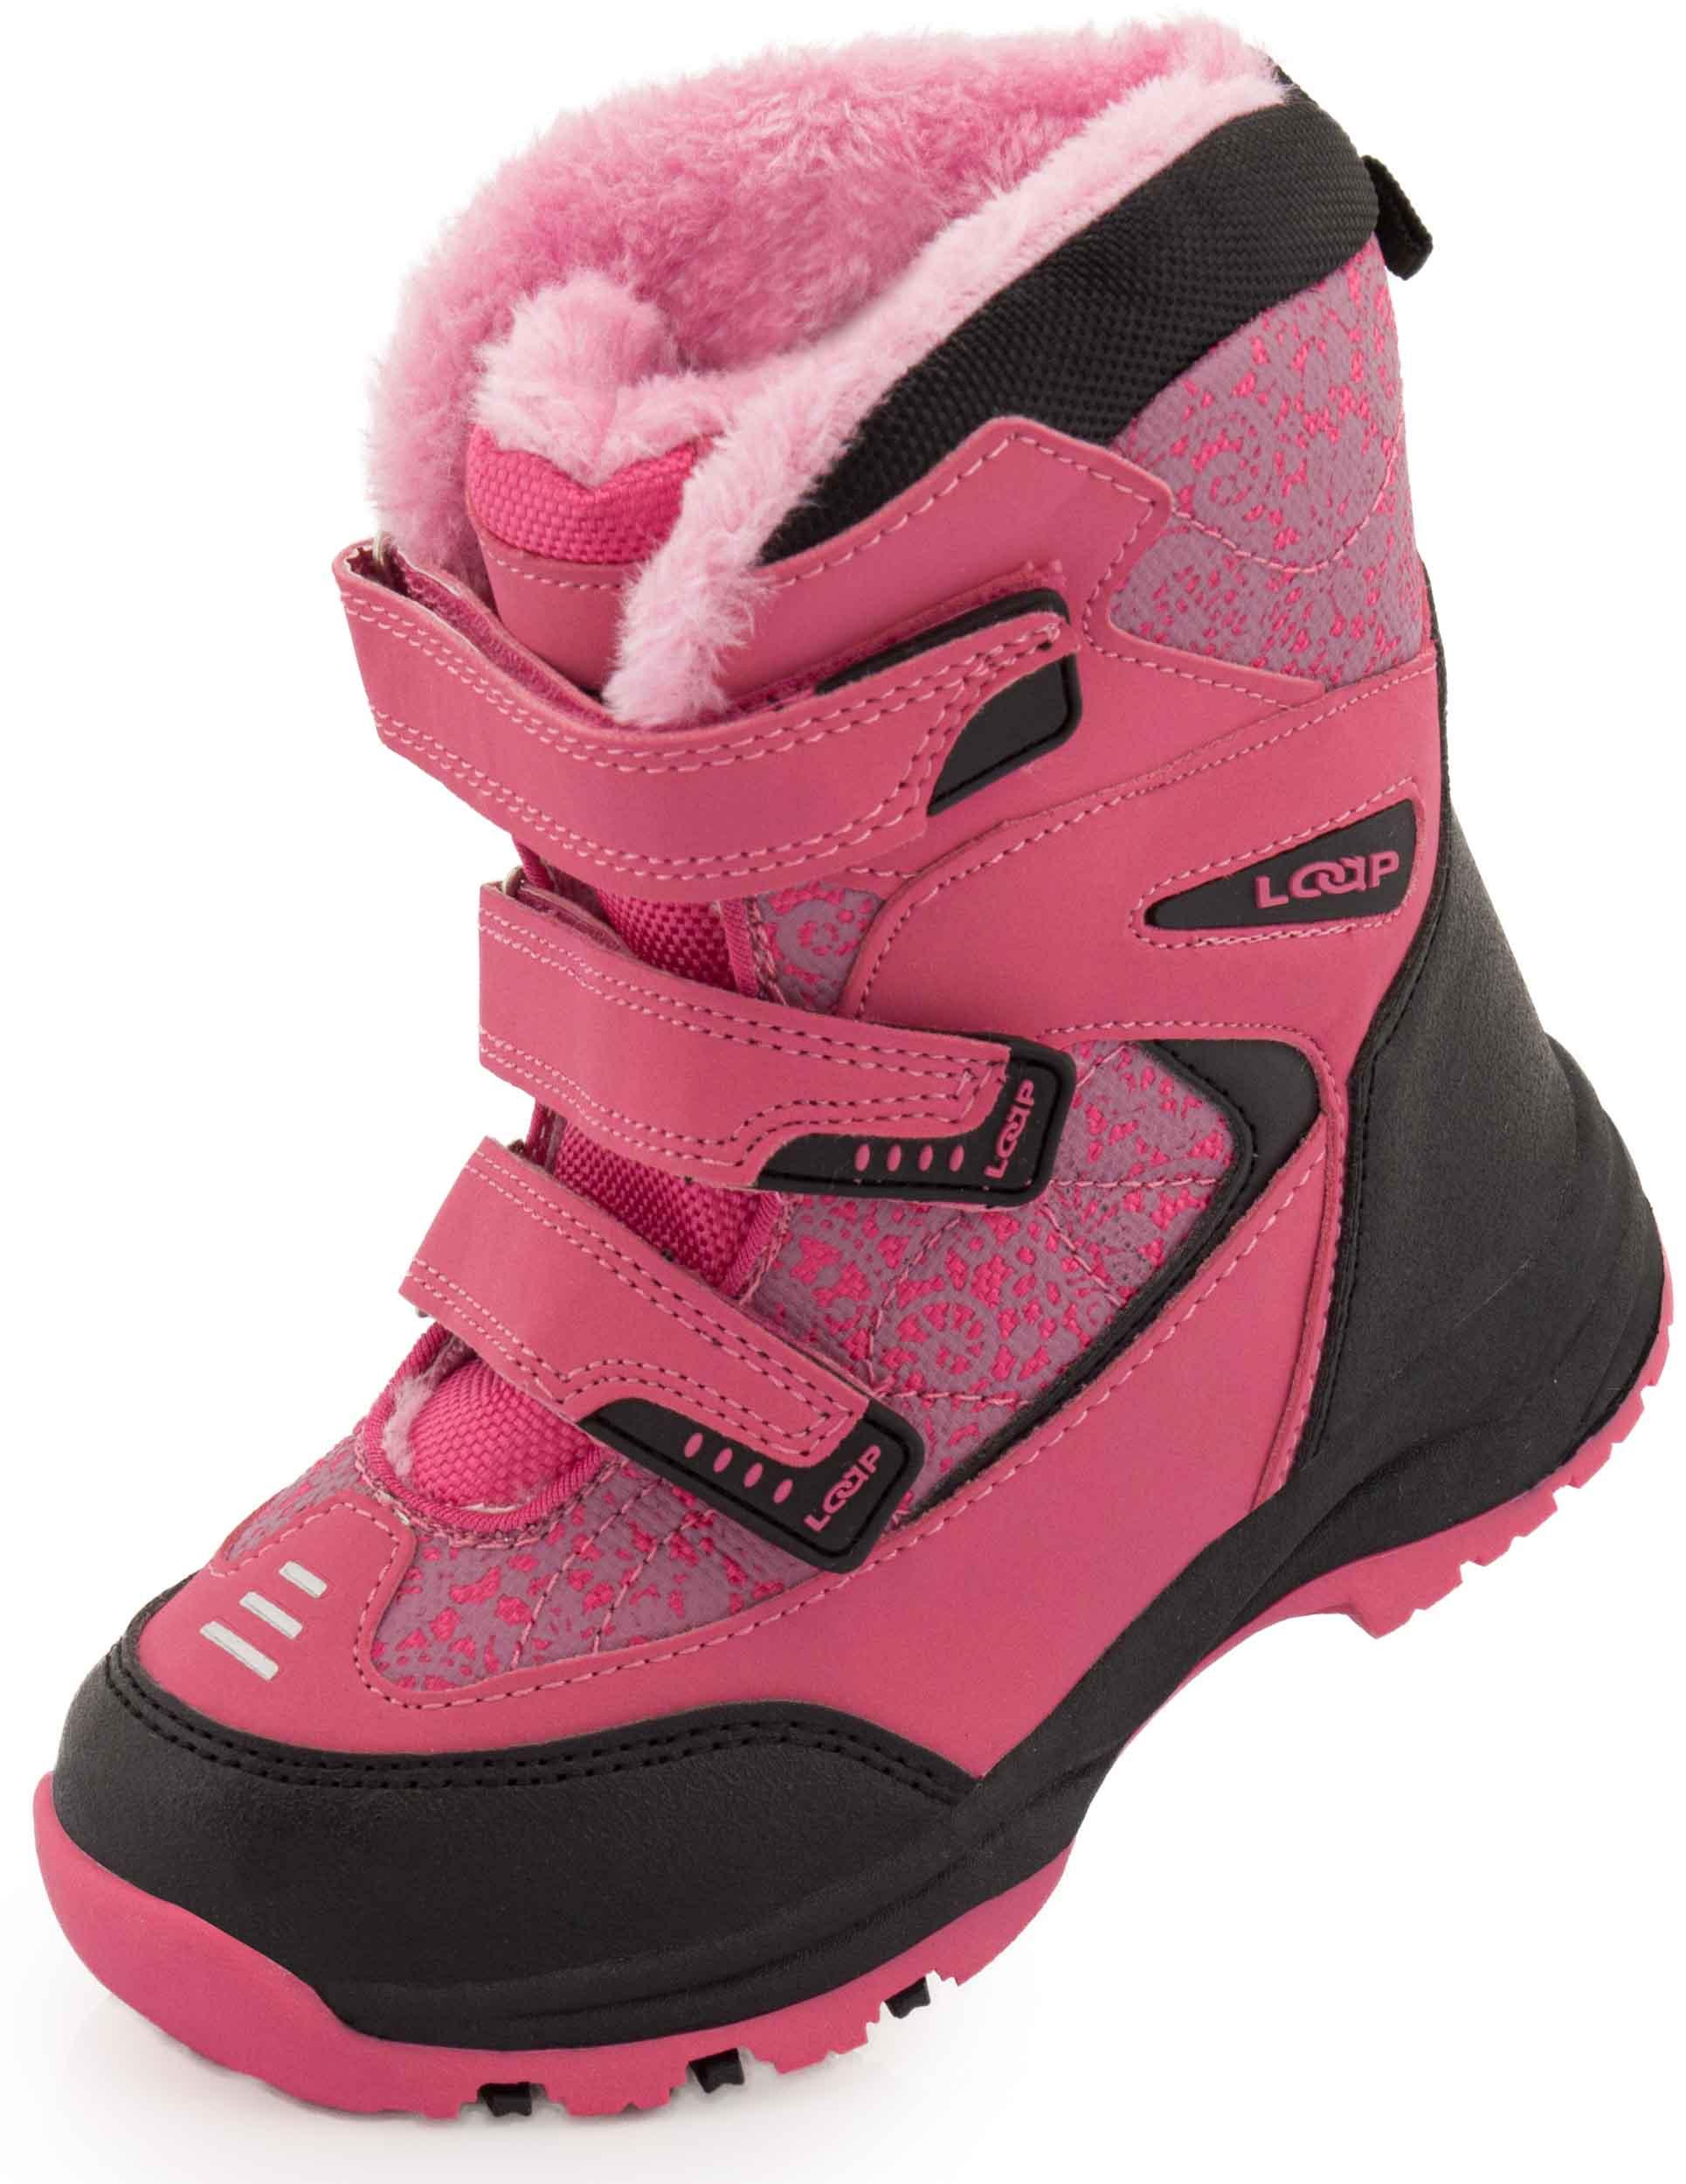 Dětská zimní obuv Loap Nao